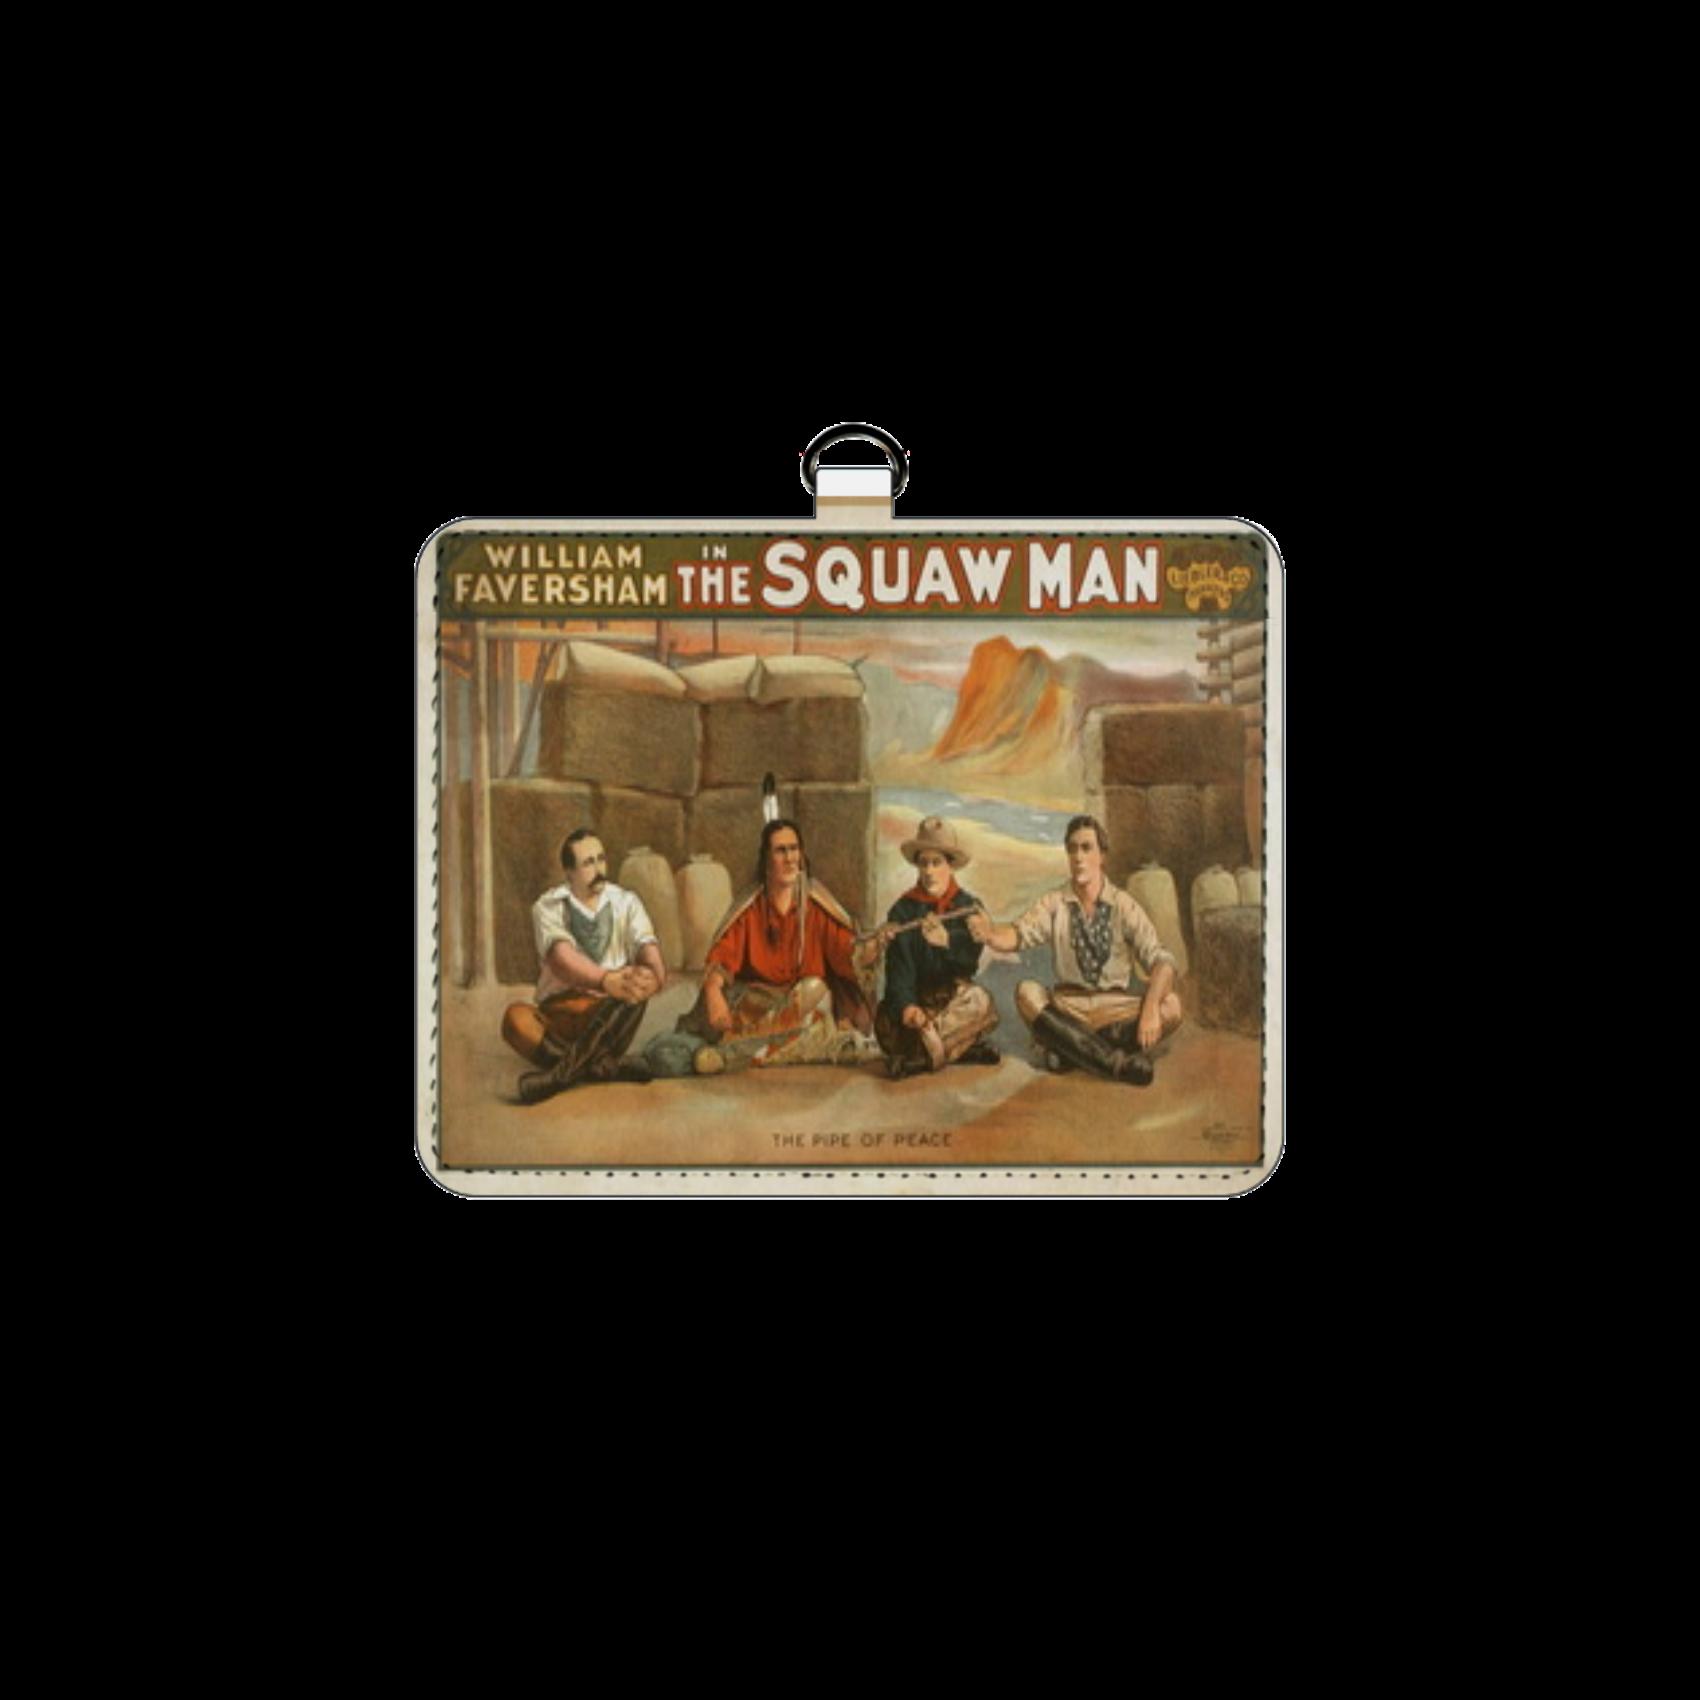 ポップアート ポスター パスケース WILLIAM FAVERSHAM THE SQUAW MAN パスケース